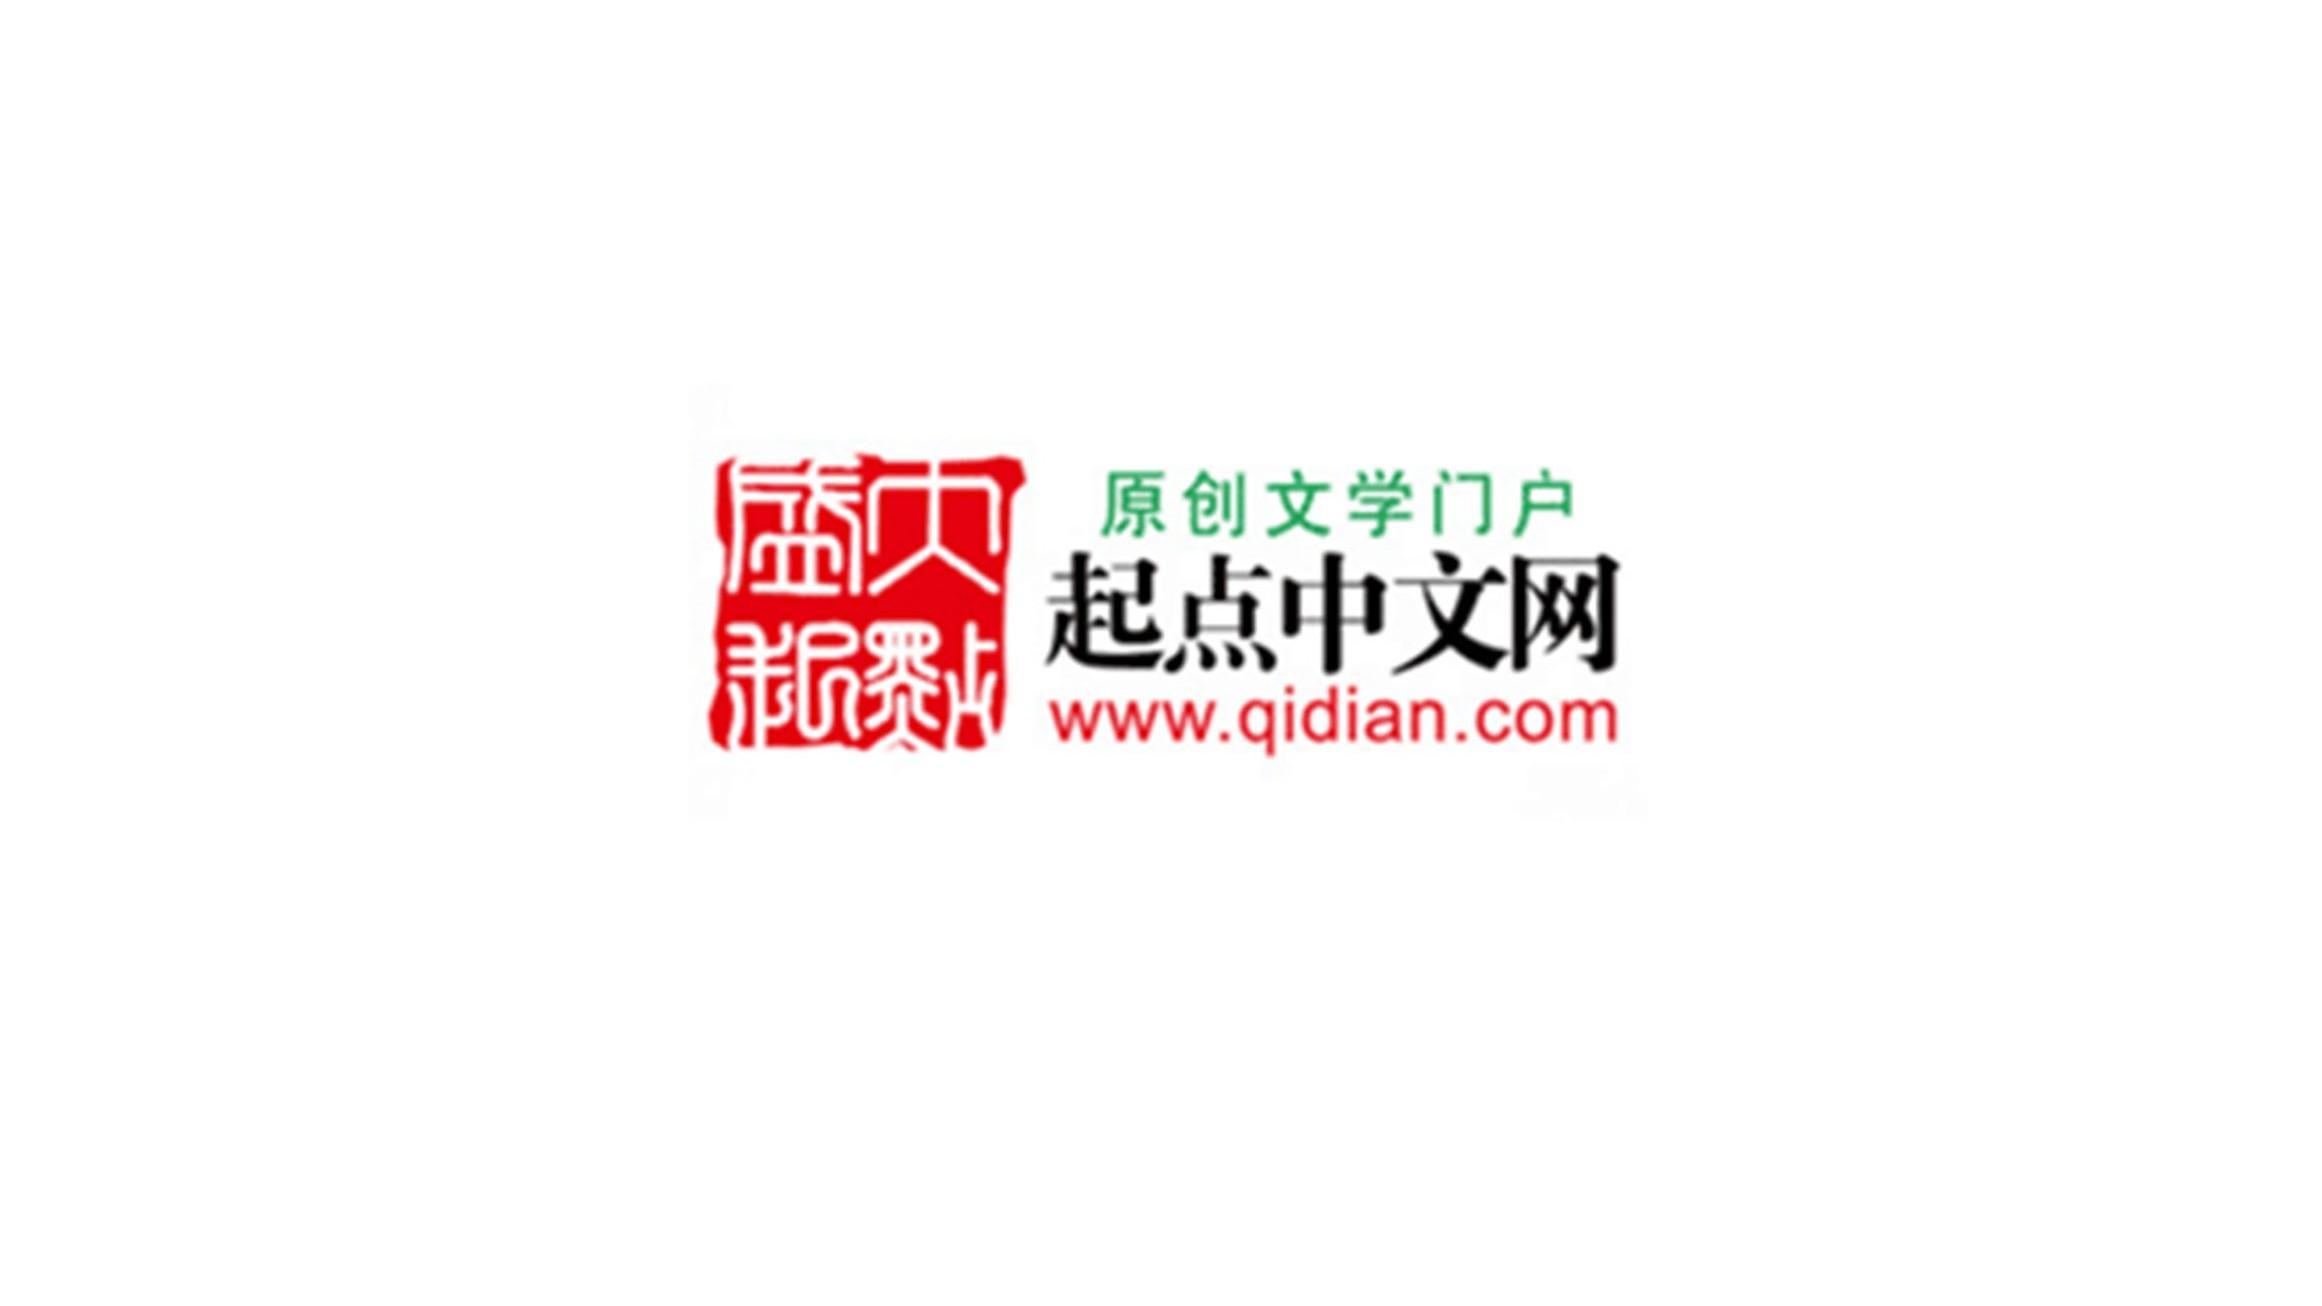 起点中文网logo_起点中文网logo图片含义/演变/变迁及品牌介绍 - logo